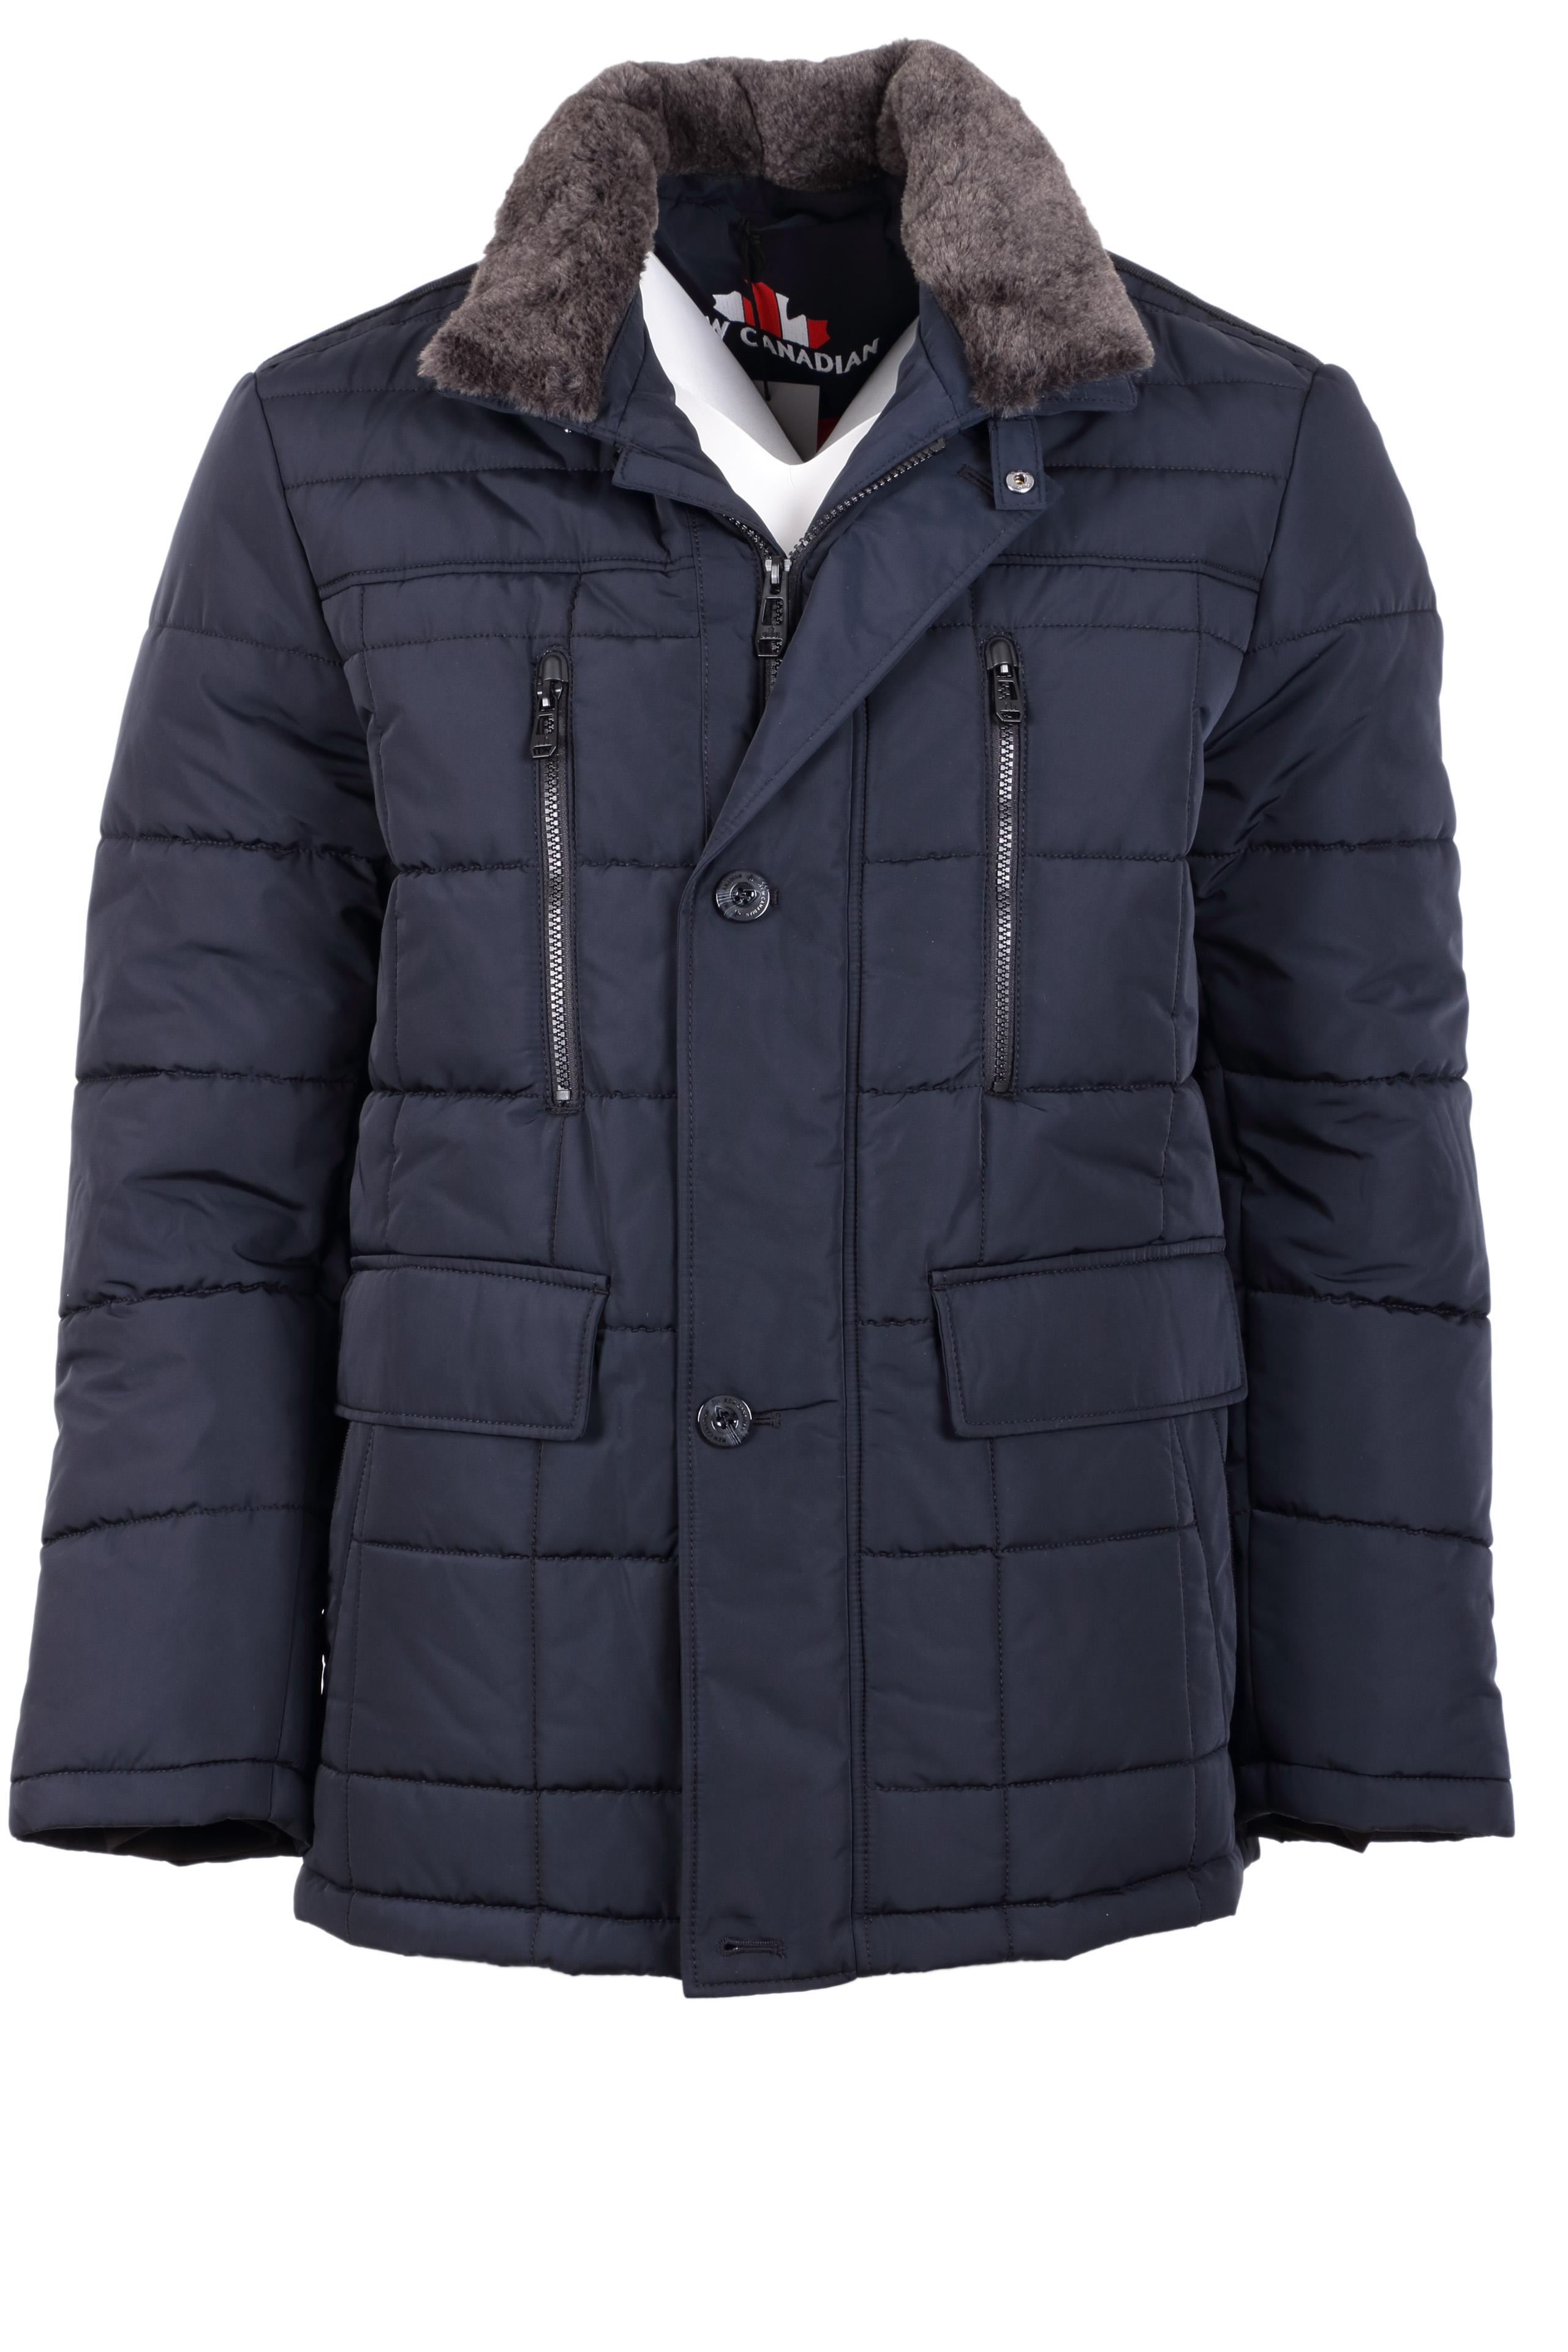 New Canadian Herren Winterjacke - dunkelblau 30